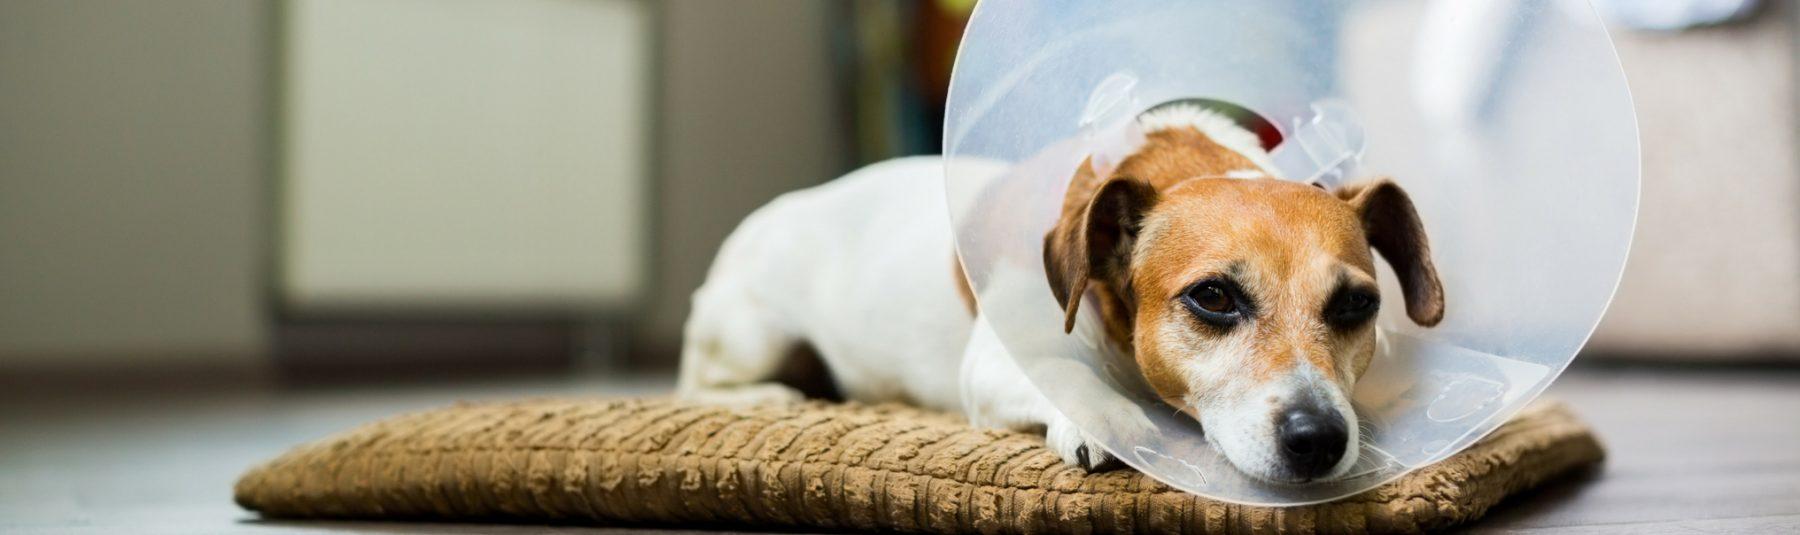 puppy-spay-neutering